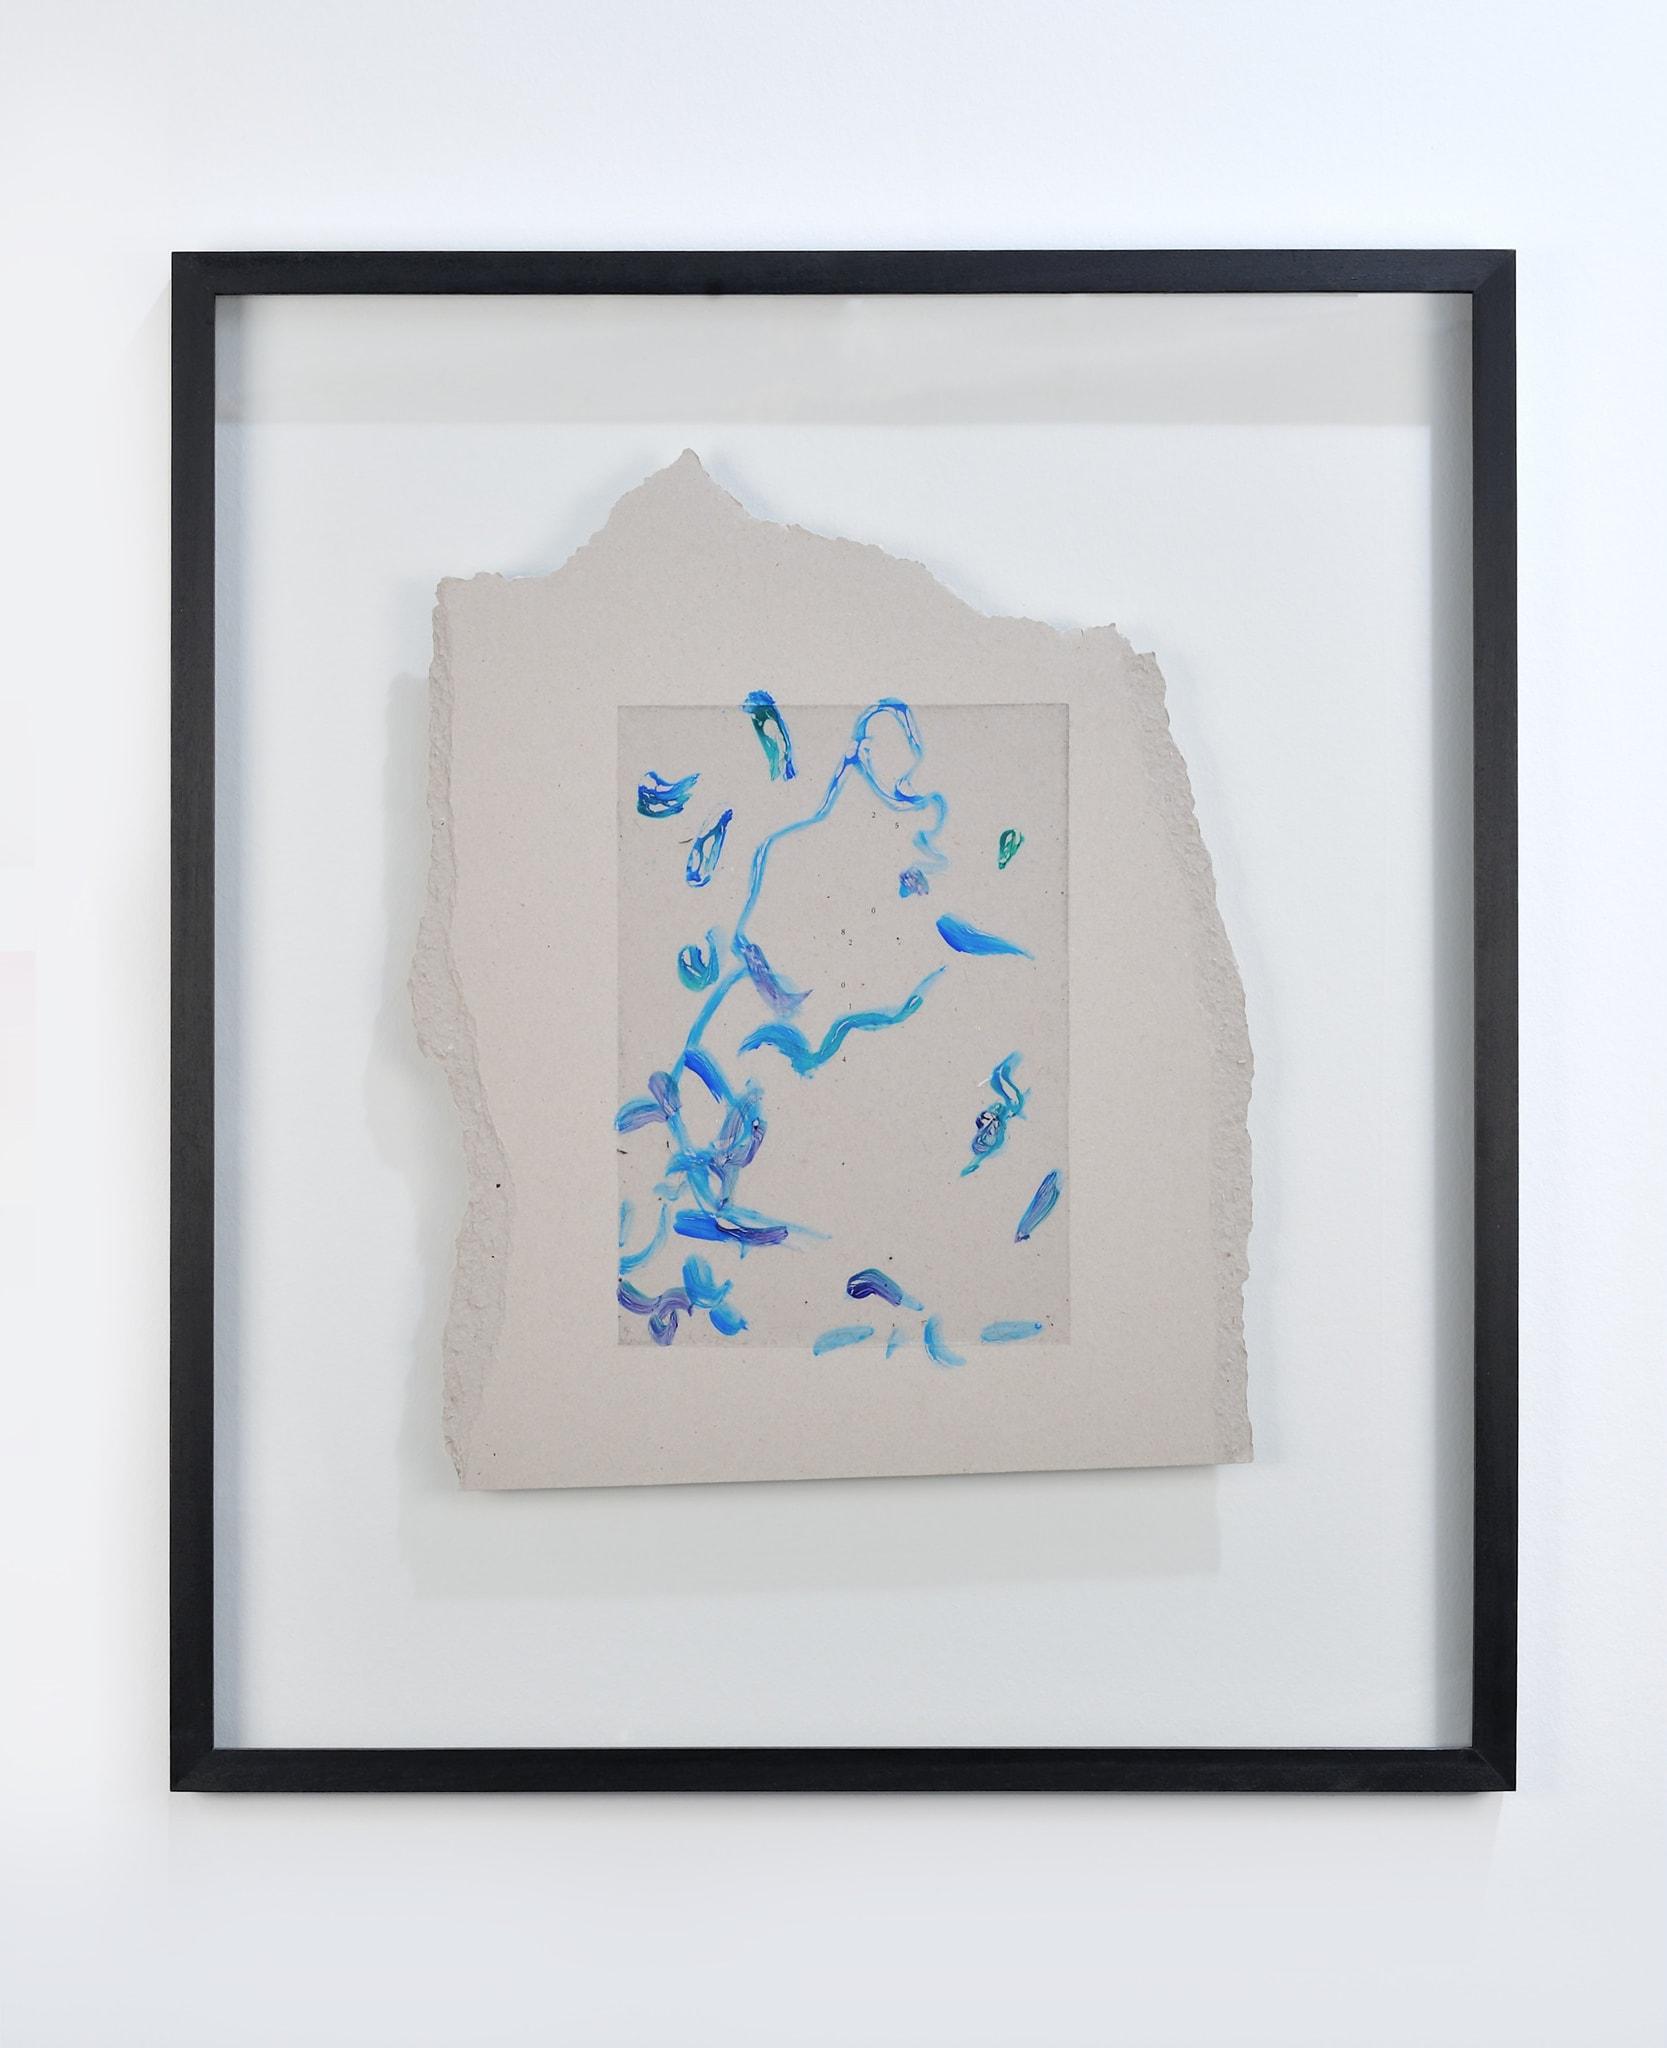 Untitled by Clément Rodzielski